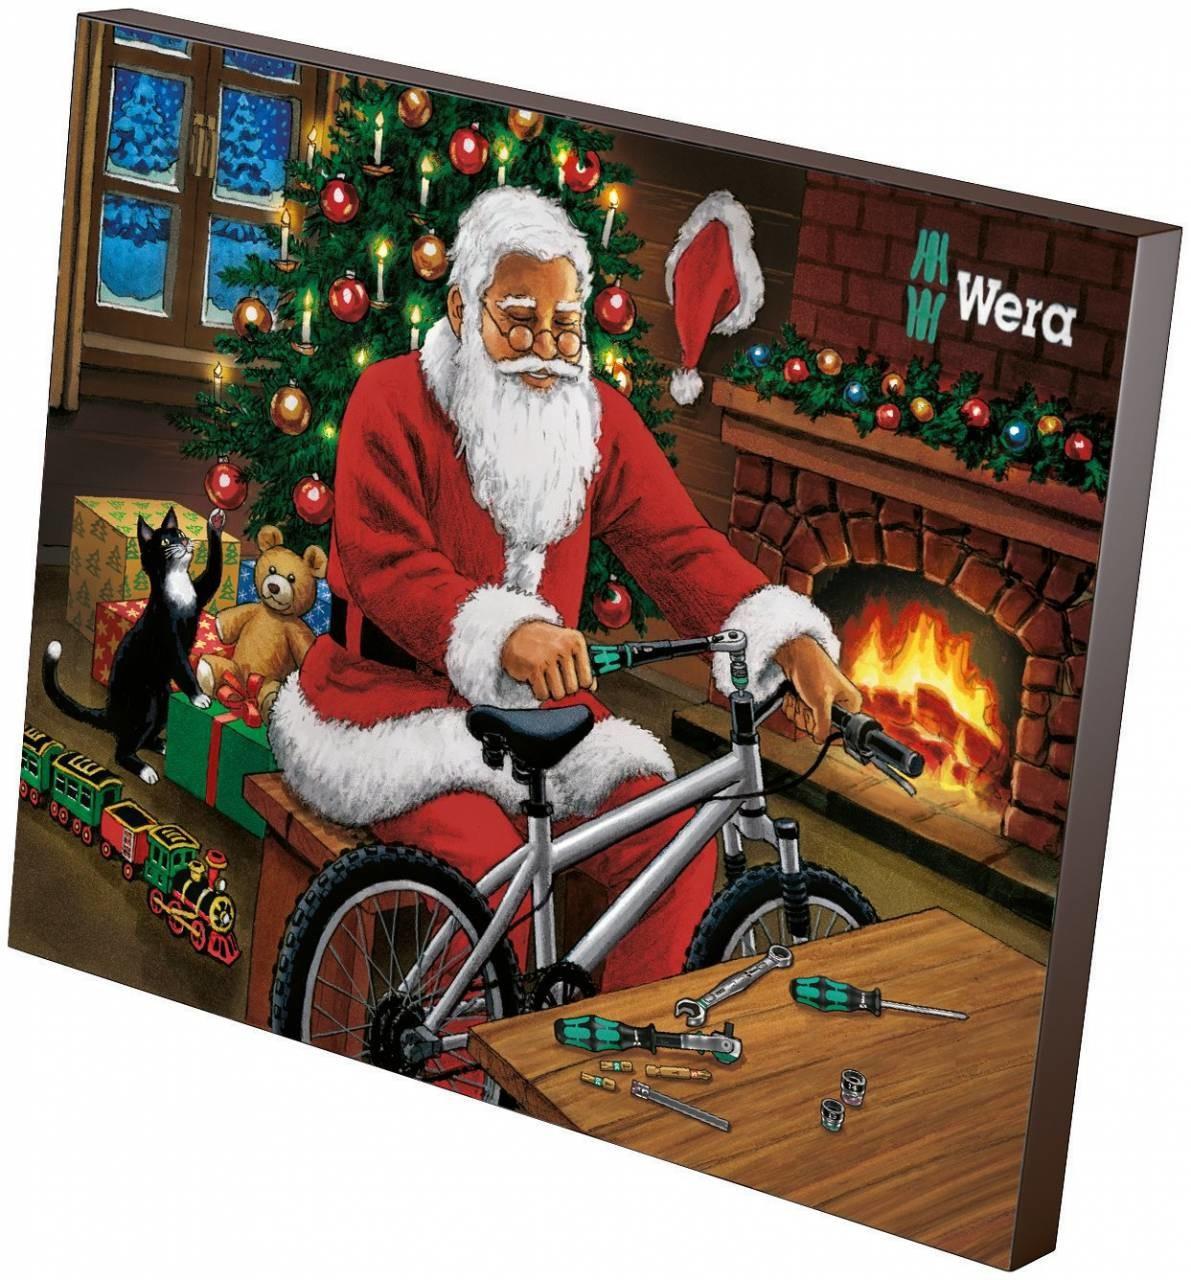 Bild zu 25-teiliger Wera Adventskalender 2018 für 37,80€ (Vergleich: 45,62€)